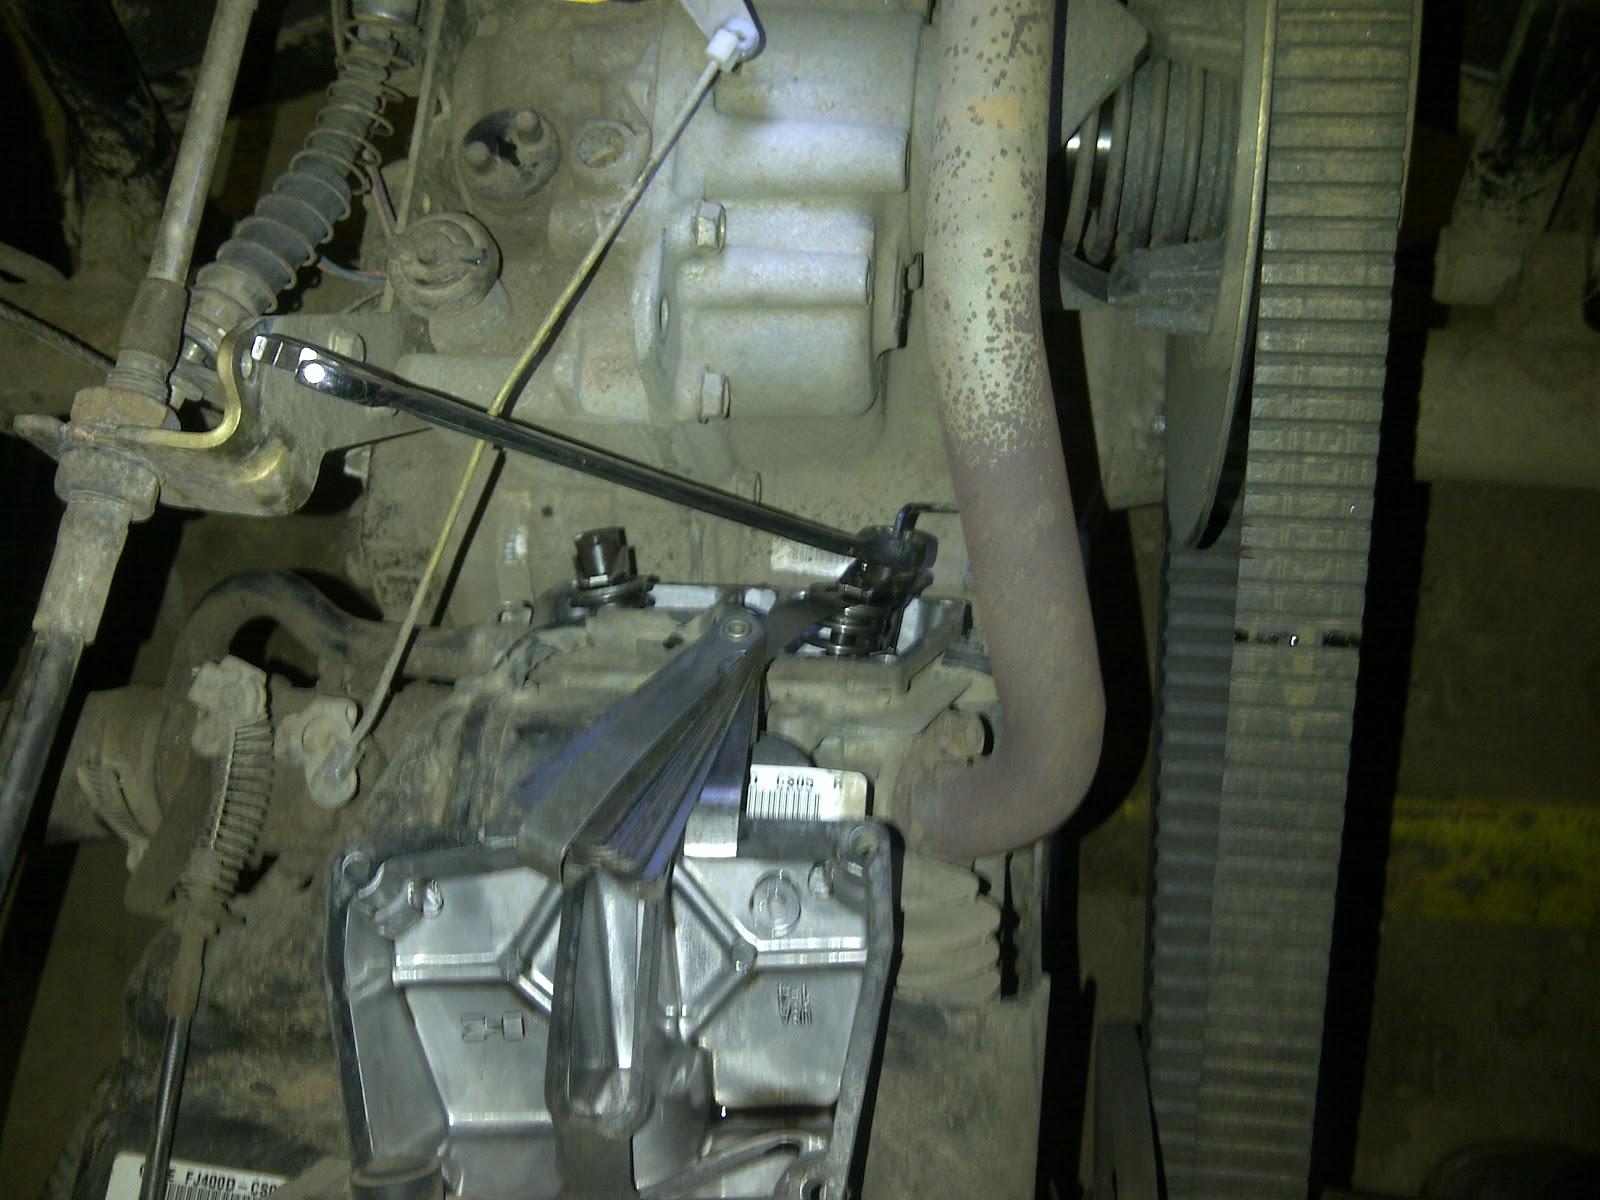 Bobs Shop TX JD Gator valve adjustment – John Deere Gator 2x4 Wiring Diagram